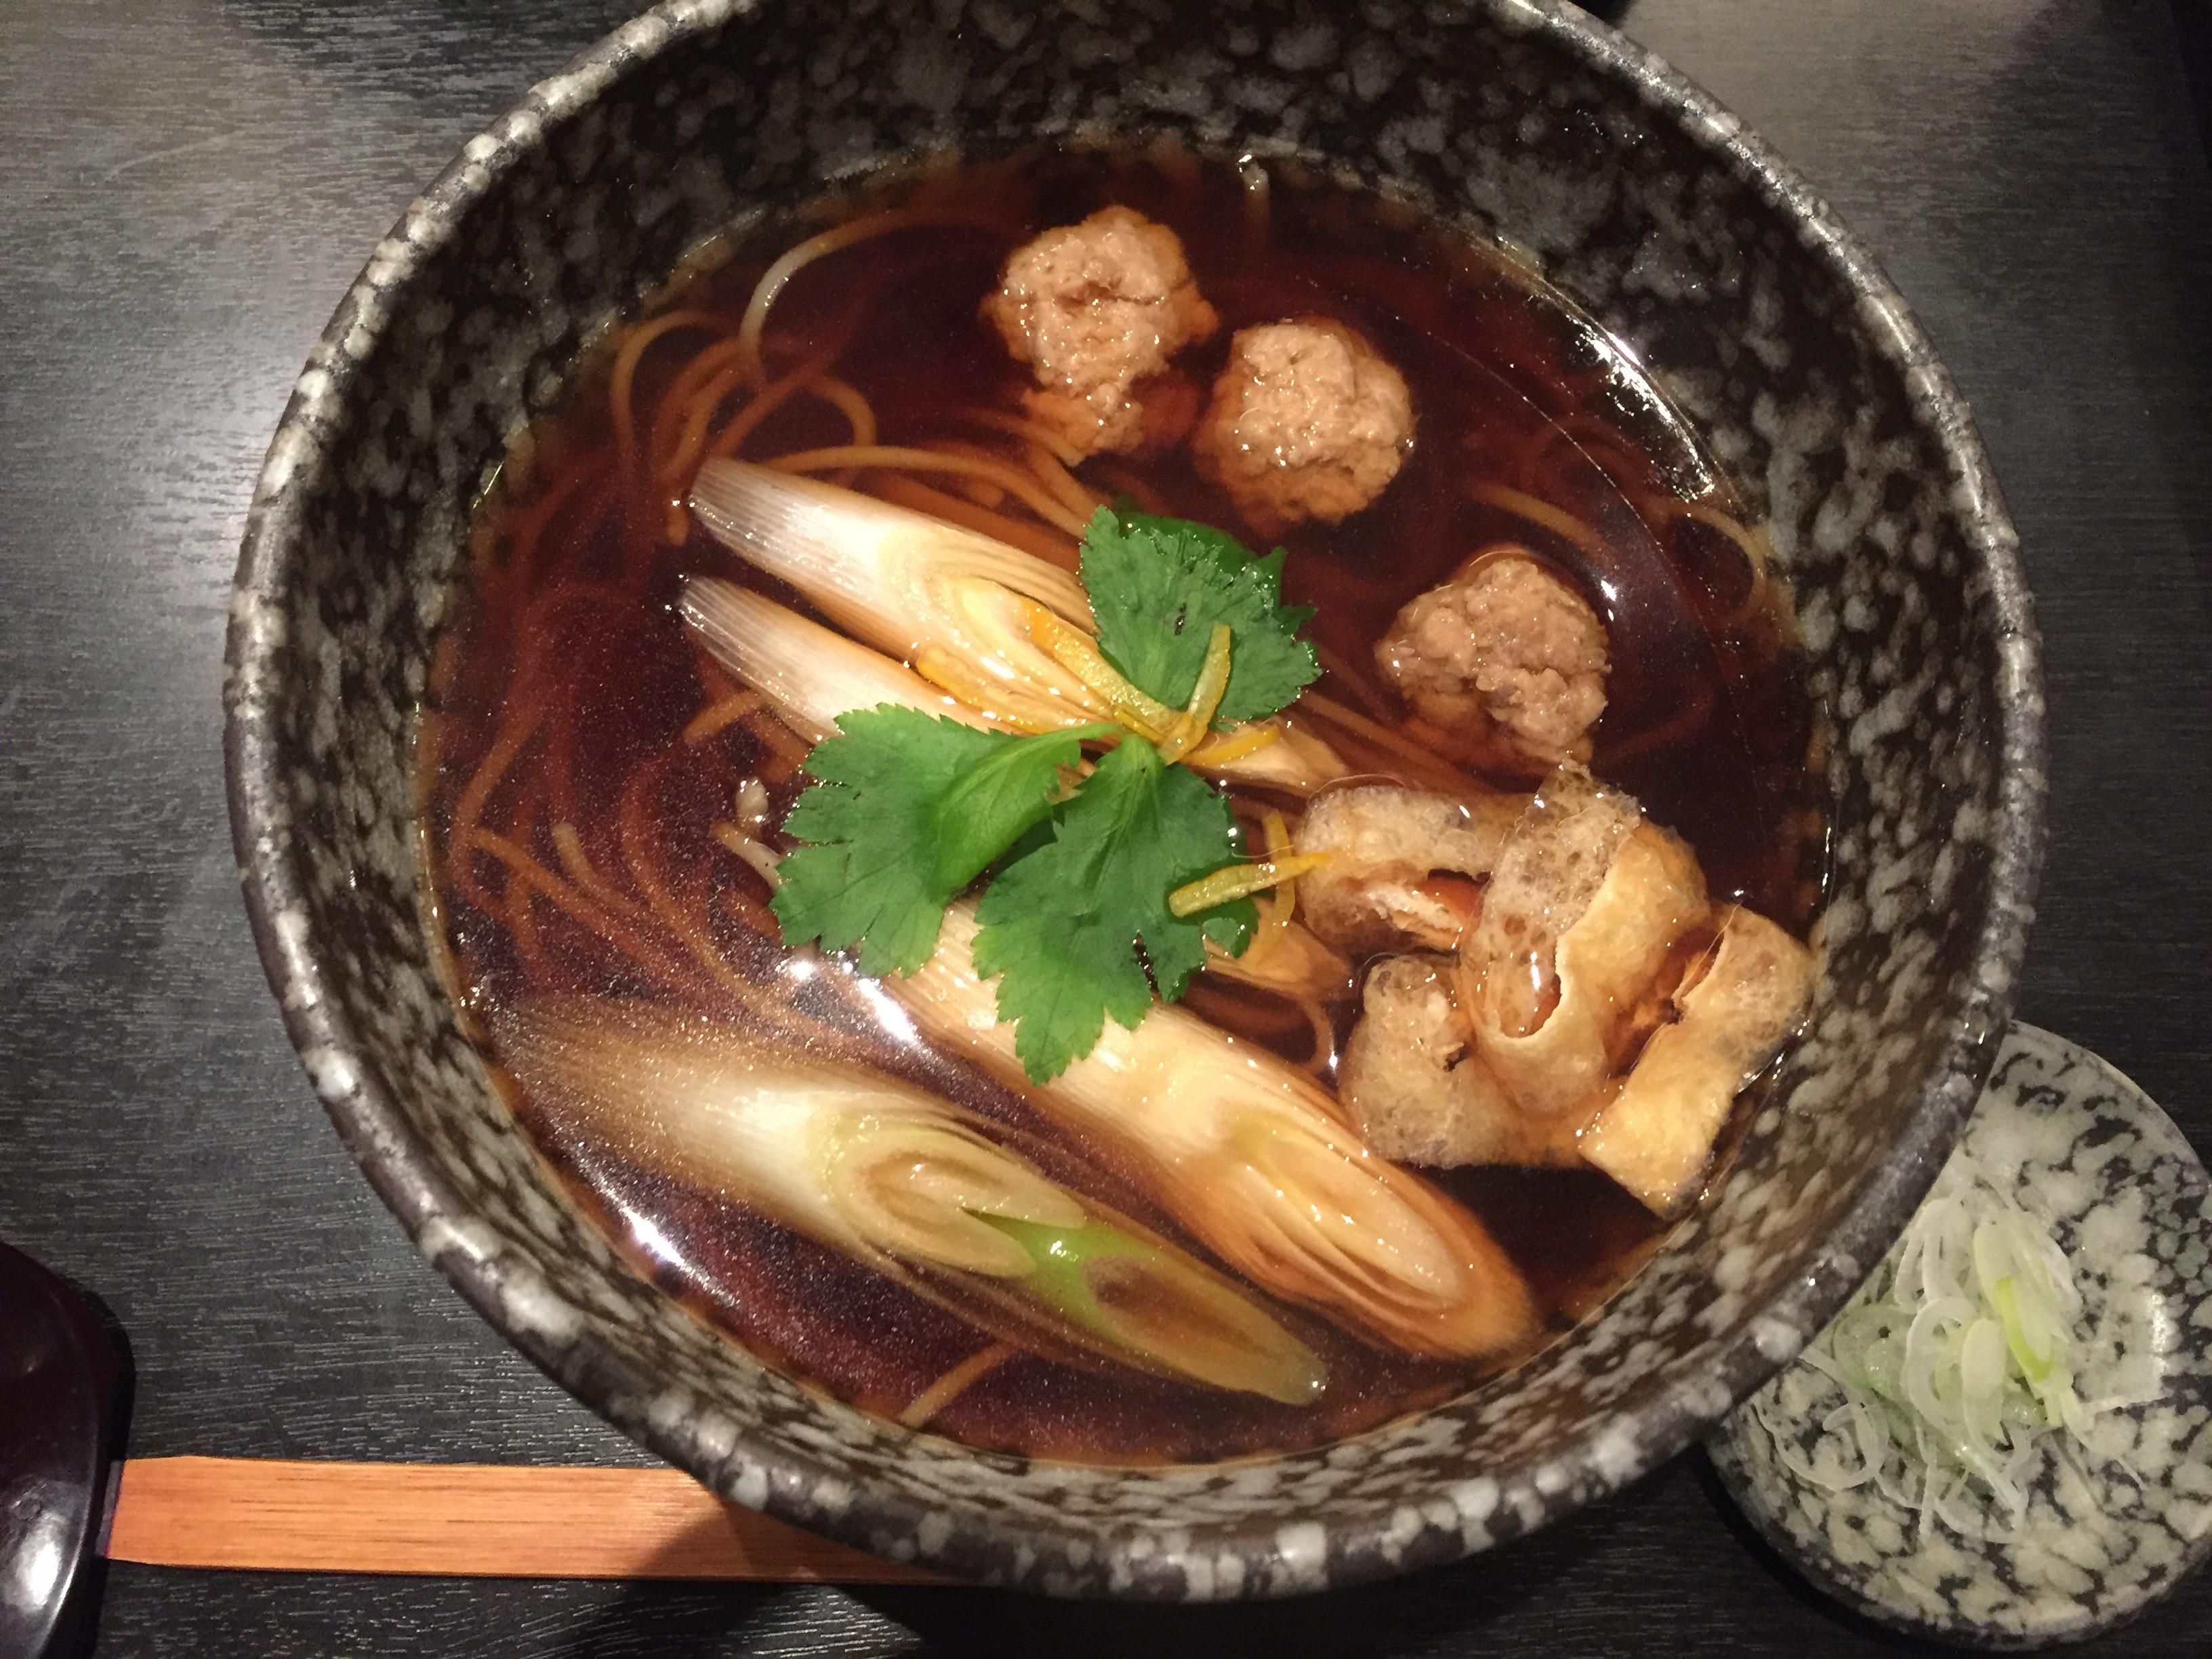 川越で美味しい夕飯を食べるなら【蕎麦酒房あうん】を強くオススメします!